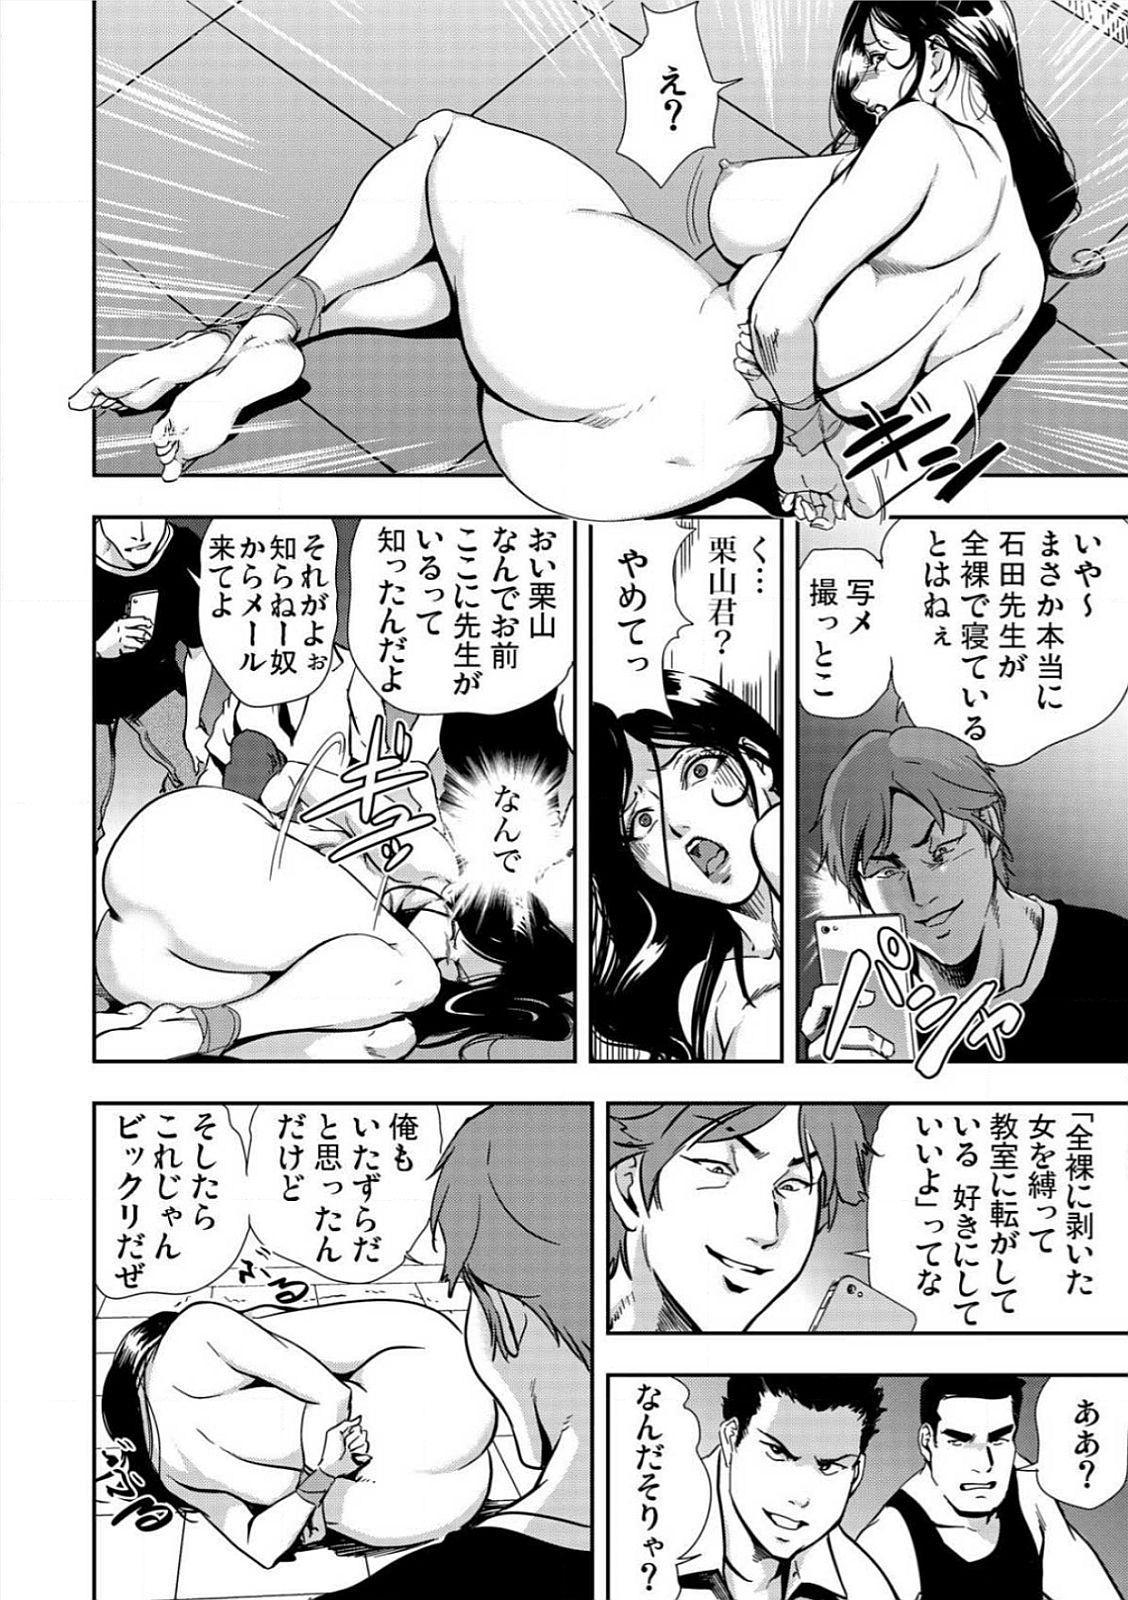 [Misaki Yukihiro] Kyousei Shidou ~Mechakucha ni Kegasarete~ (1)~(6) [Digital] 15